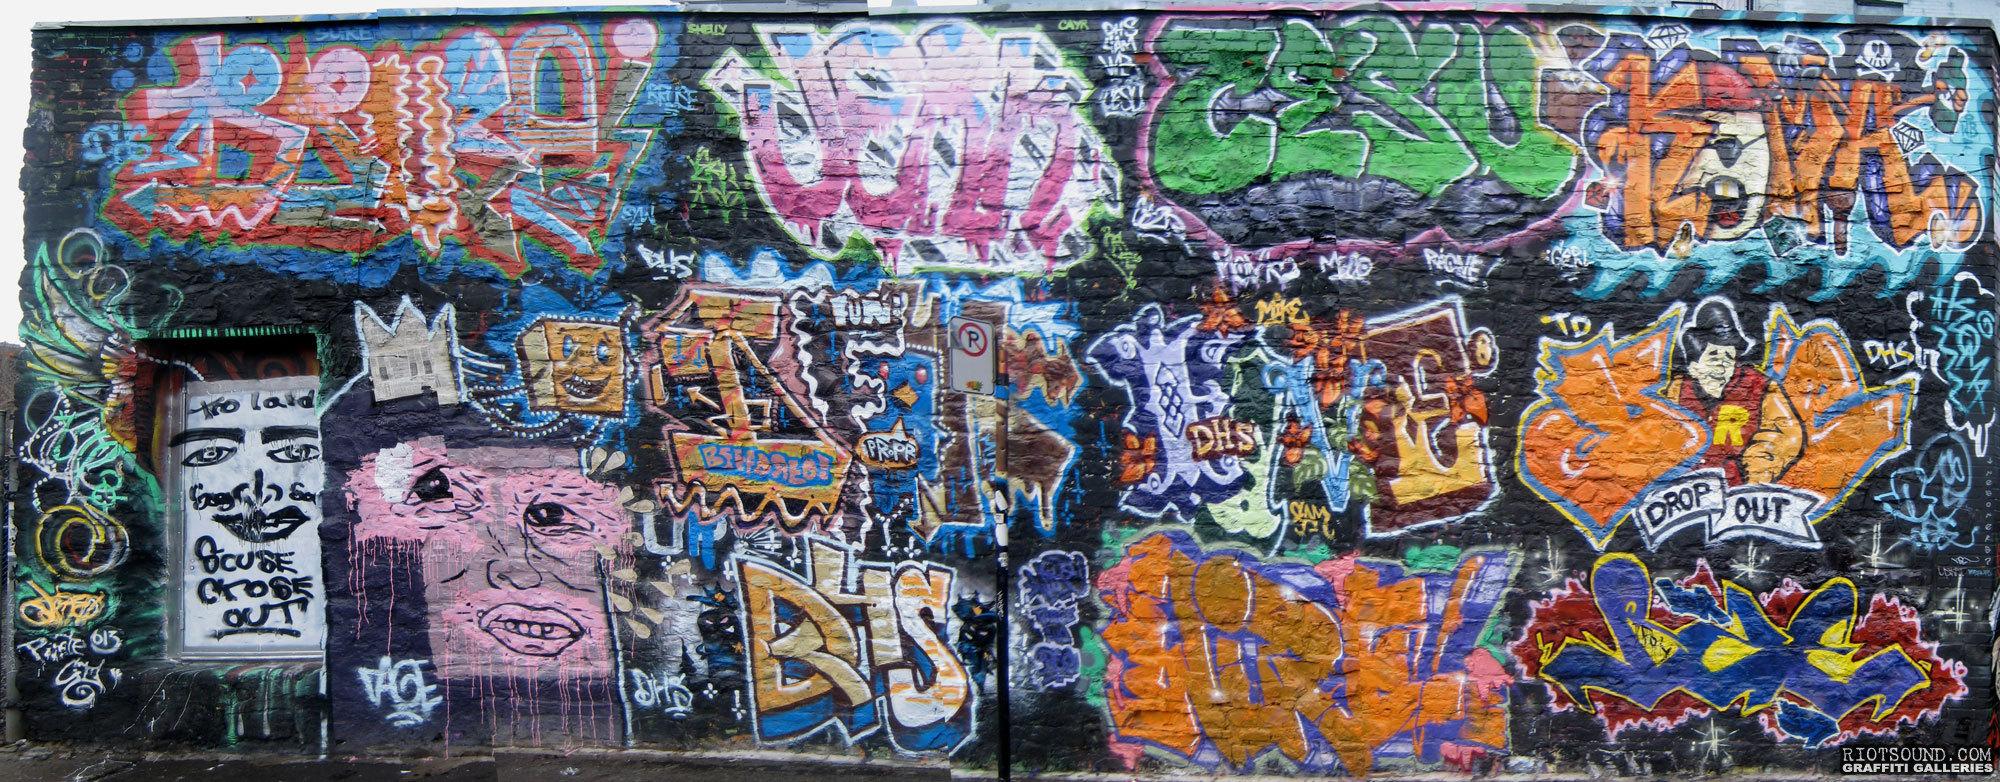 Legal Graffiti Wall